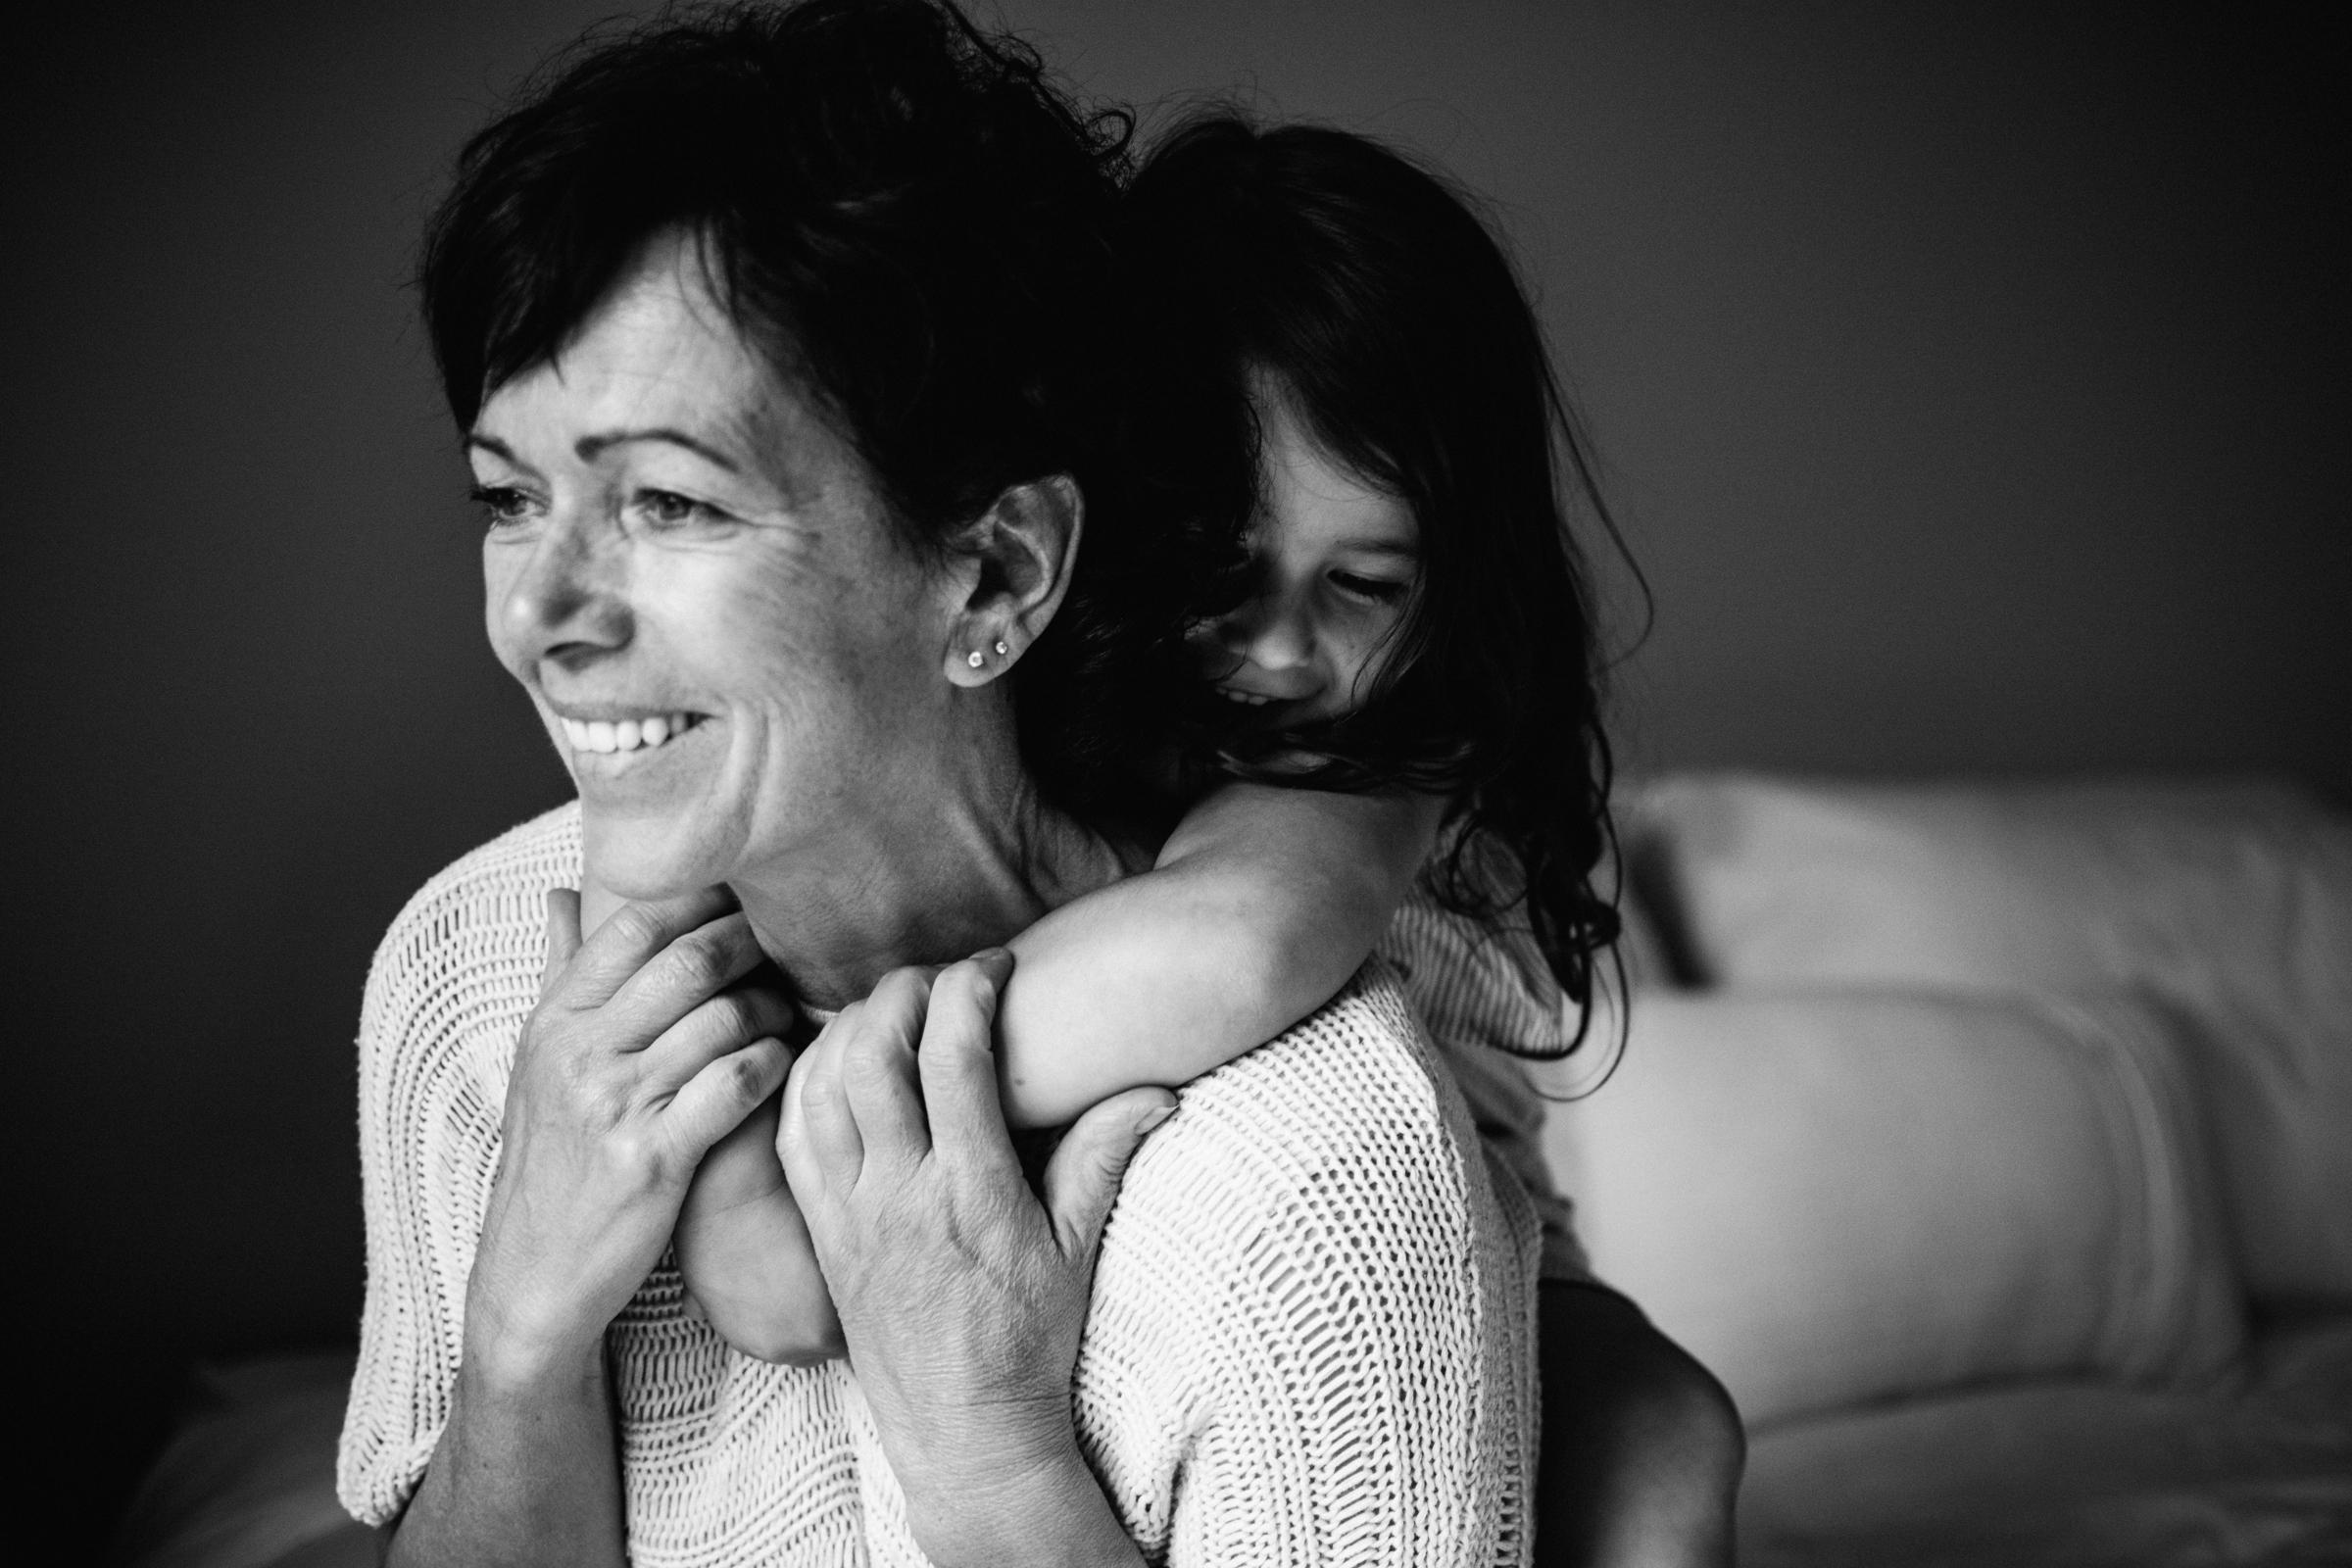 photo-noir-et-blanc-fete-des-meres-photographe-famille-a-montreal-cadeau-fete-des-meres-377.jpg